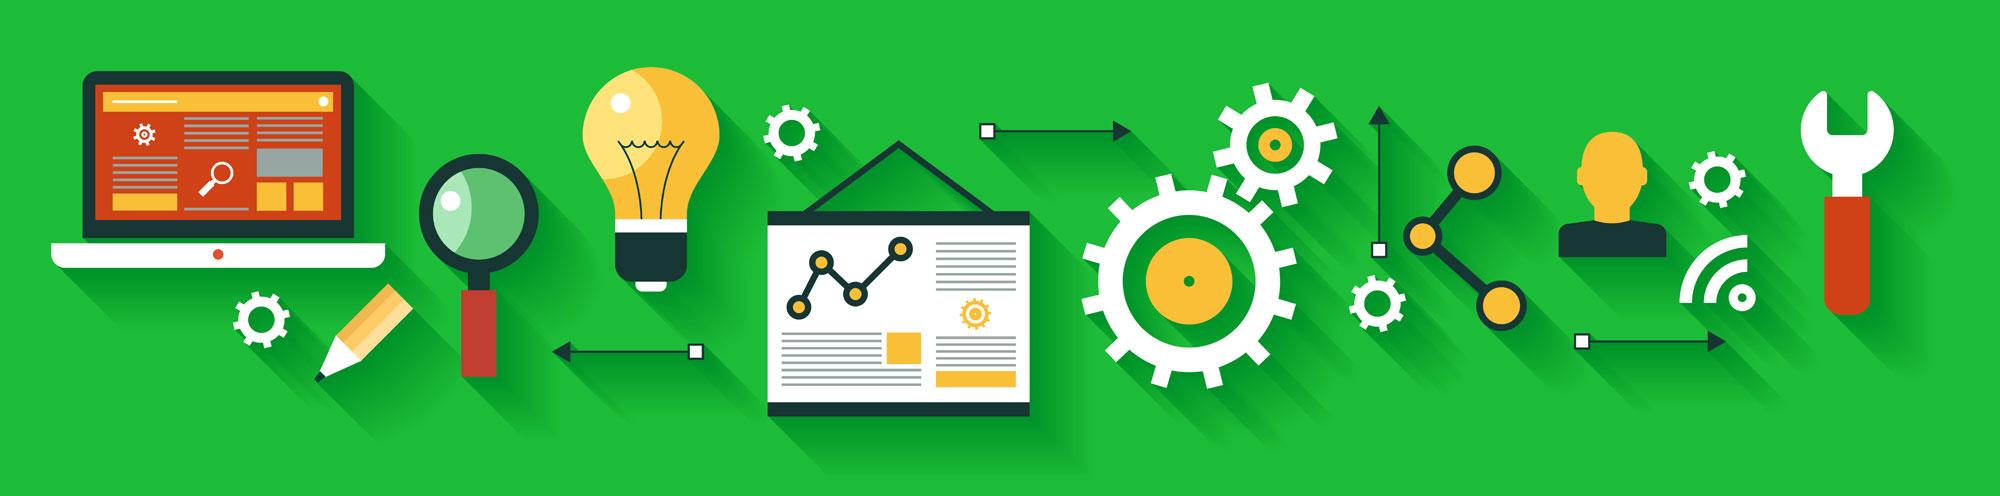 start-up-poczatek-firmy-rod-agencja